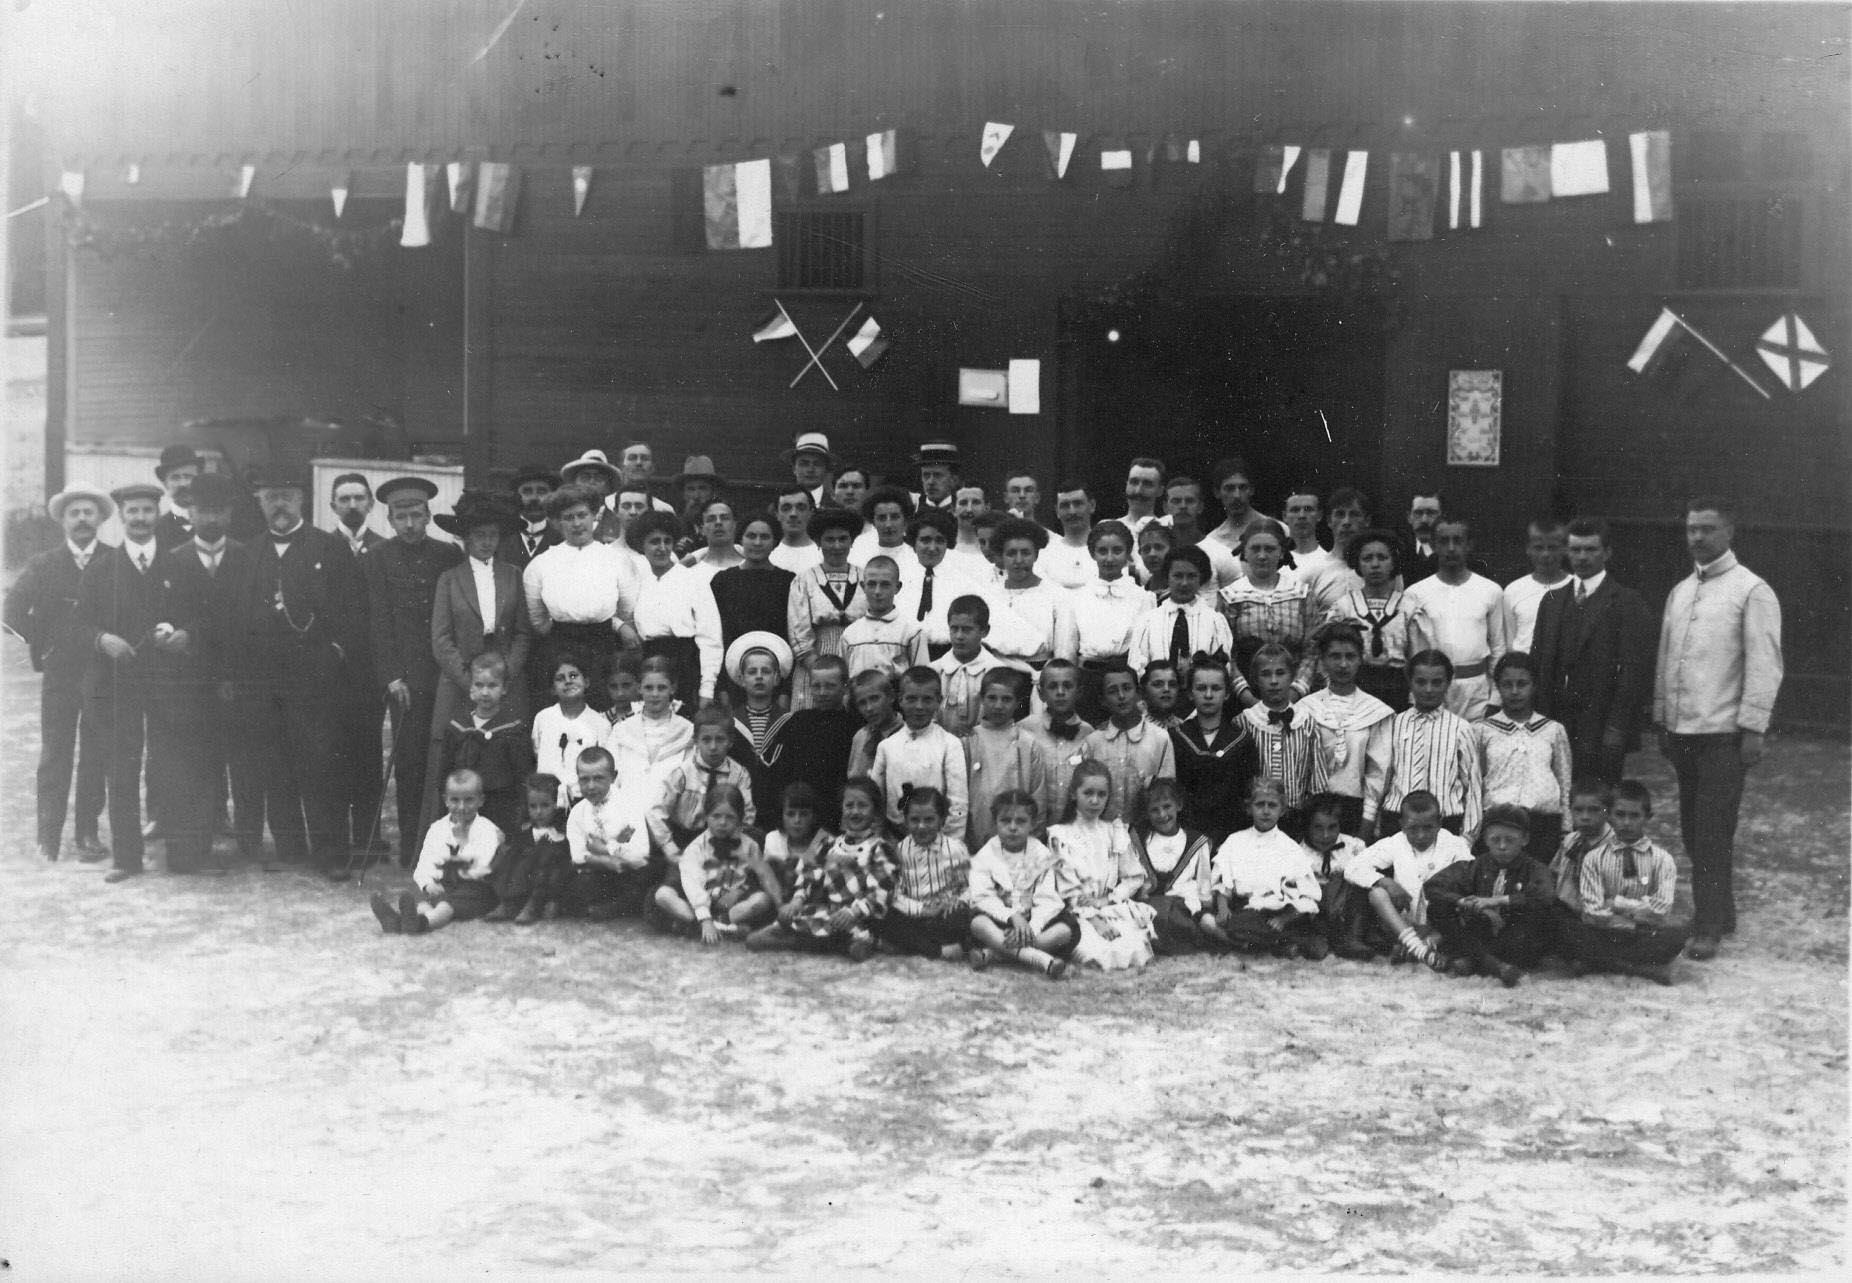 Группа детей и взрослых членов гимнастического общества Пальма на спортивной площадке (2)